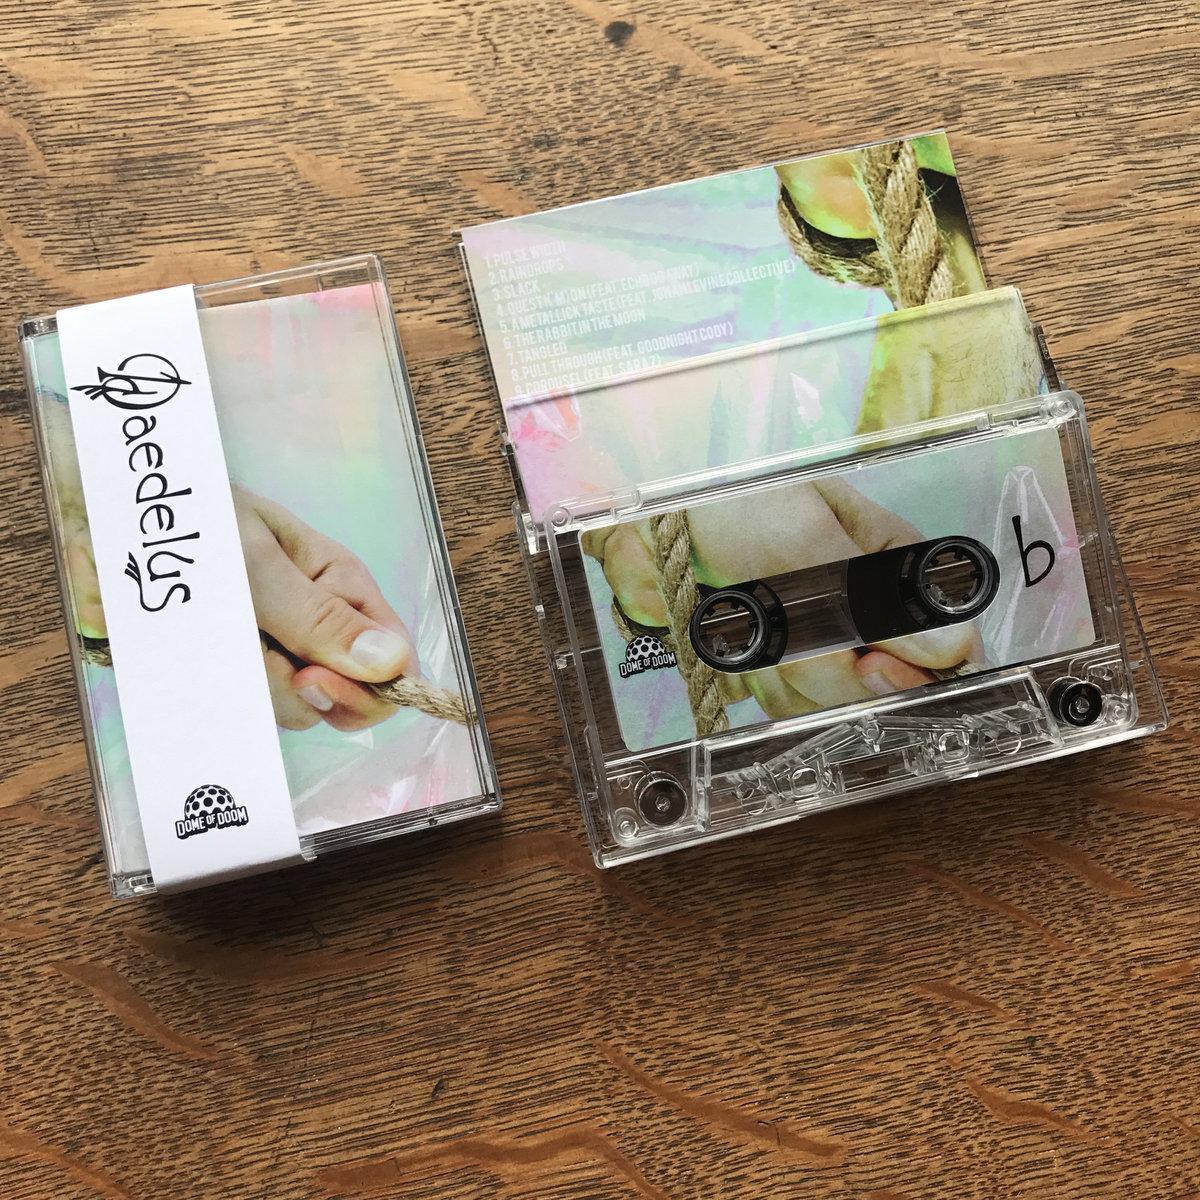 Daedelus | Taut cassette tape